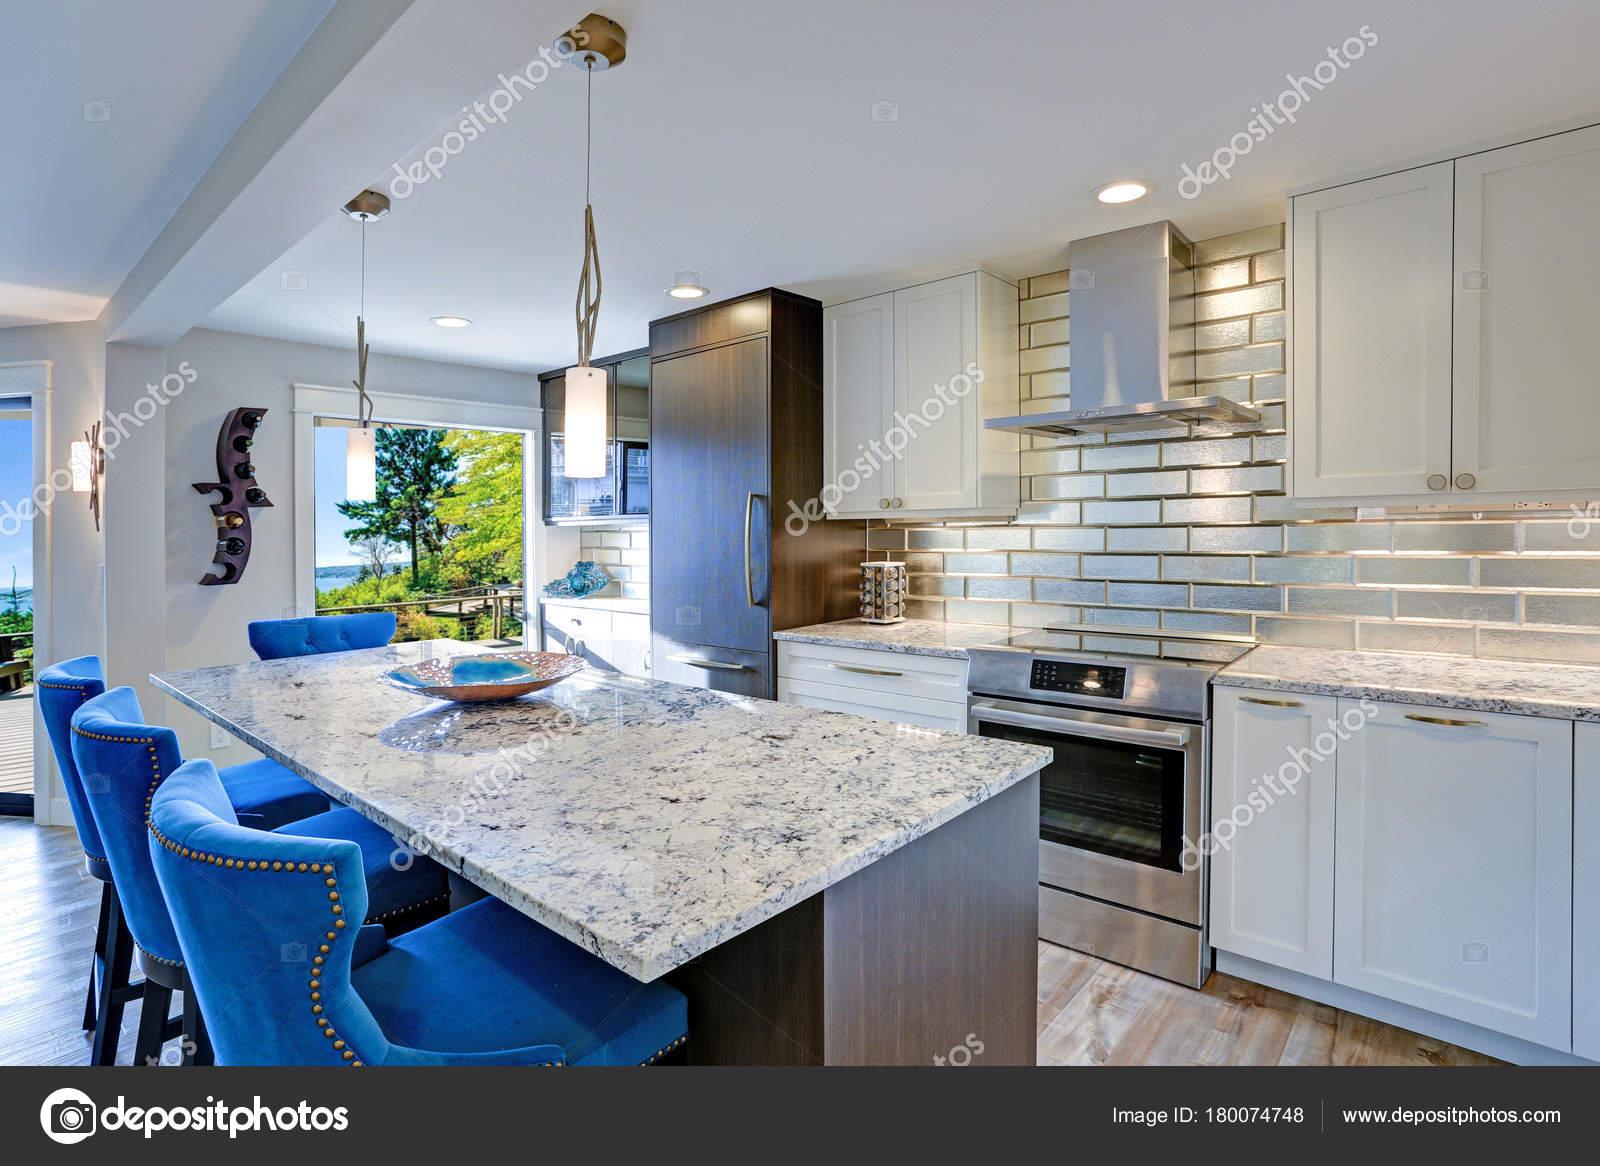 Gut Ausgestattete Küche Verfügt über Eine Große Kücheinsel Gekrönt Mit  Einer Grauen Quarzit Arbeitsplatte Und Flankiert Von Blau Getuftet  Esszimmerstühle ...